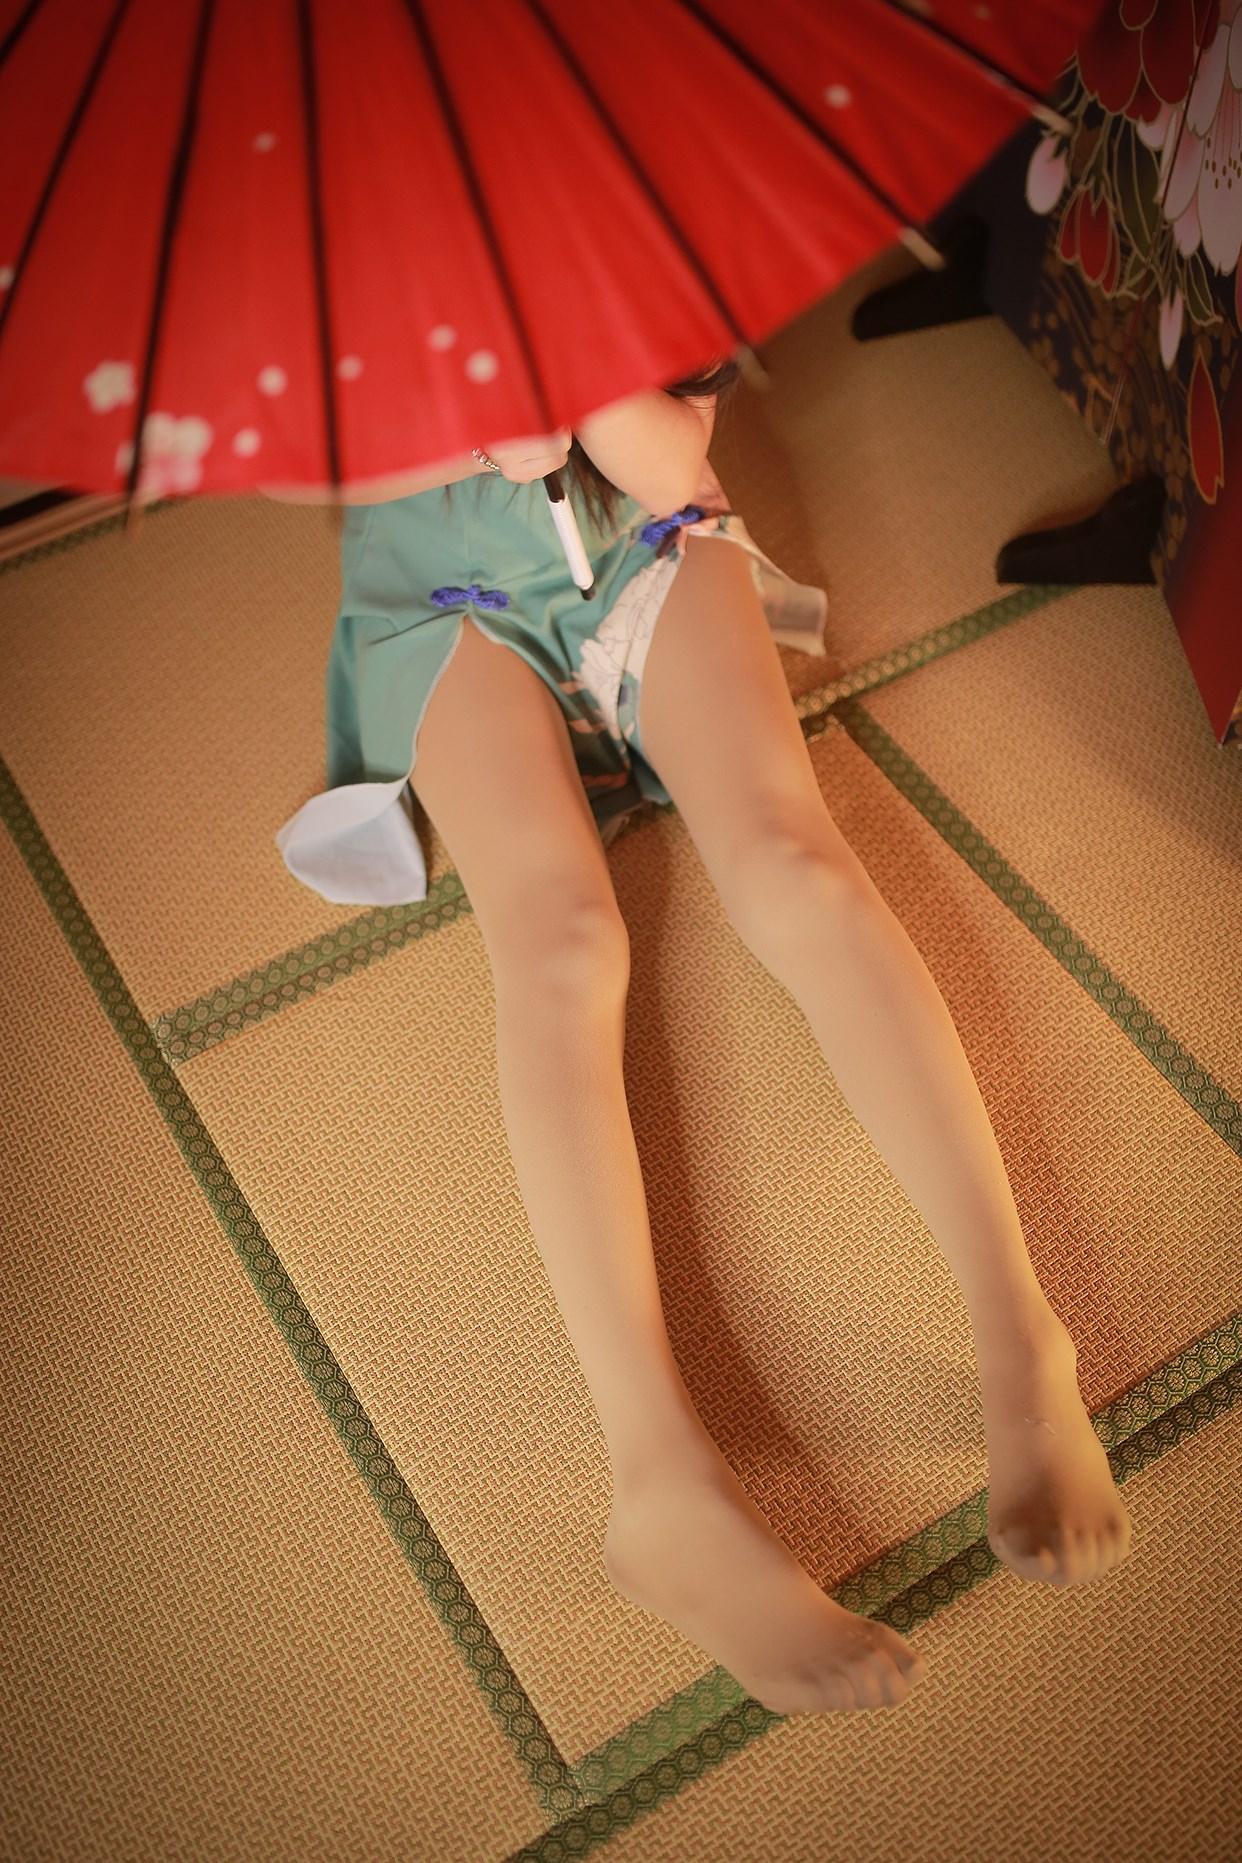 【兔玩映画】伞下的旗袍少女 兔玩映画 第7张